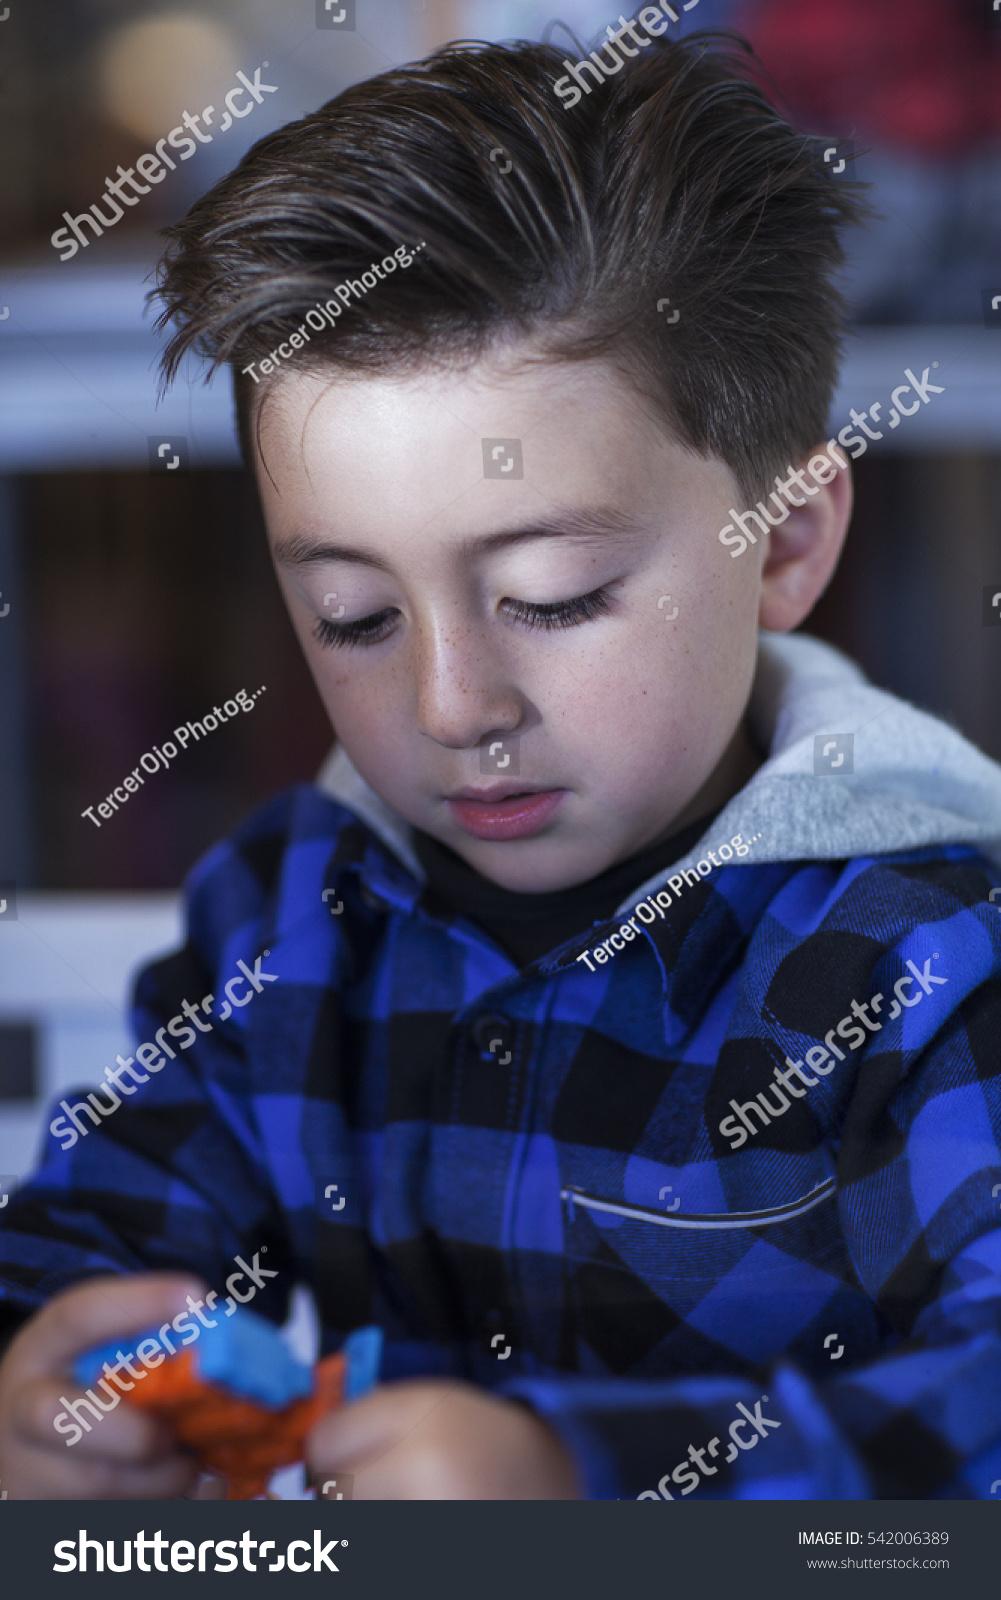 Little Boy Rockabilly Haircut Undercut Wearing Stock Photo Edit Now